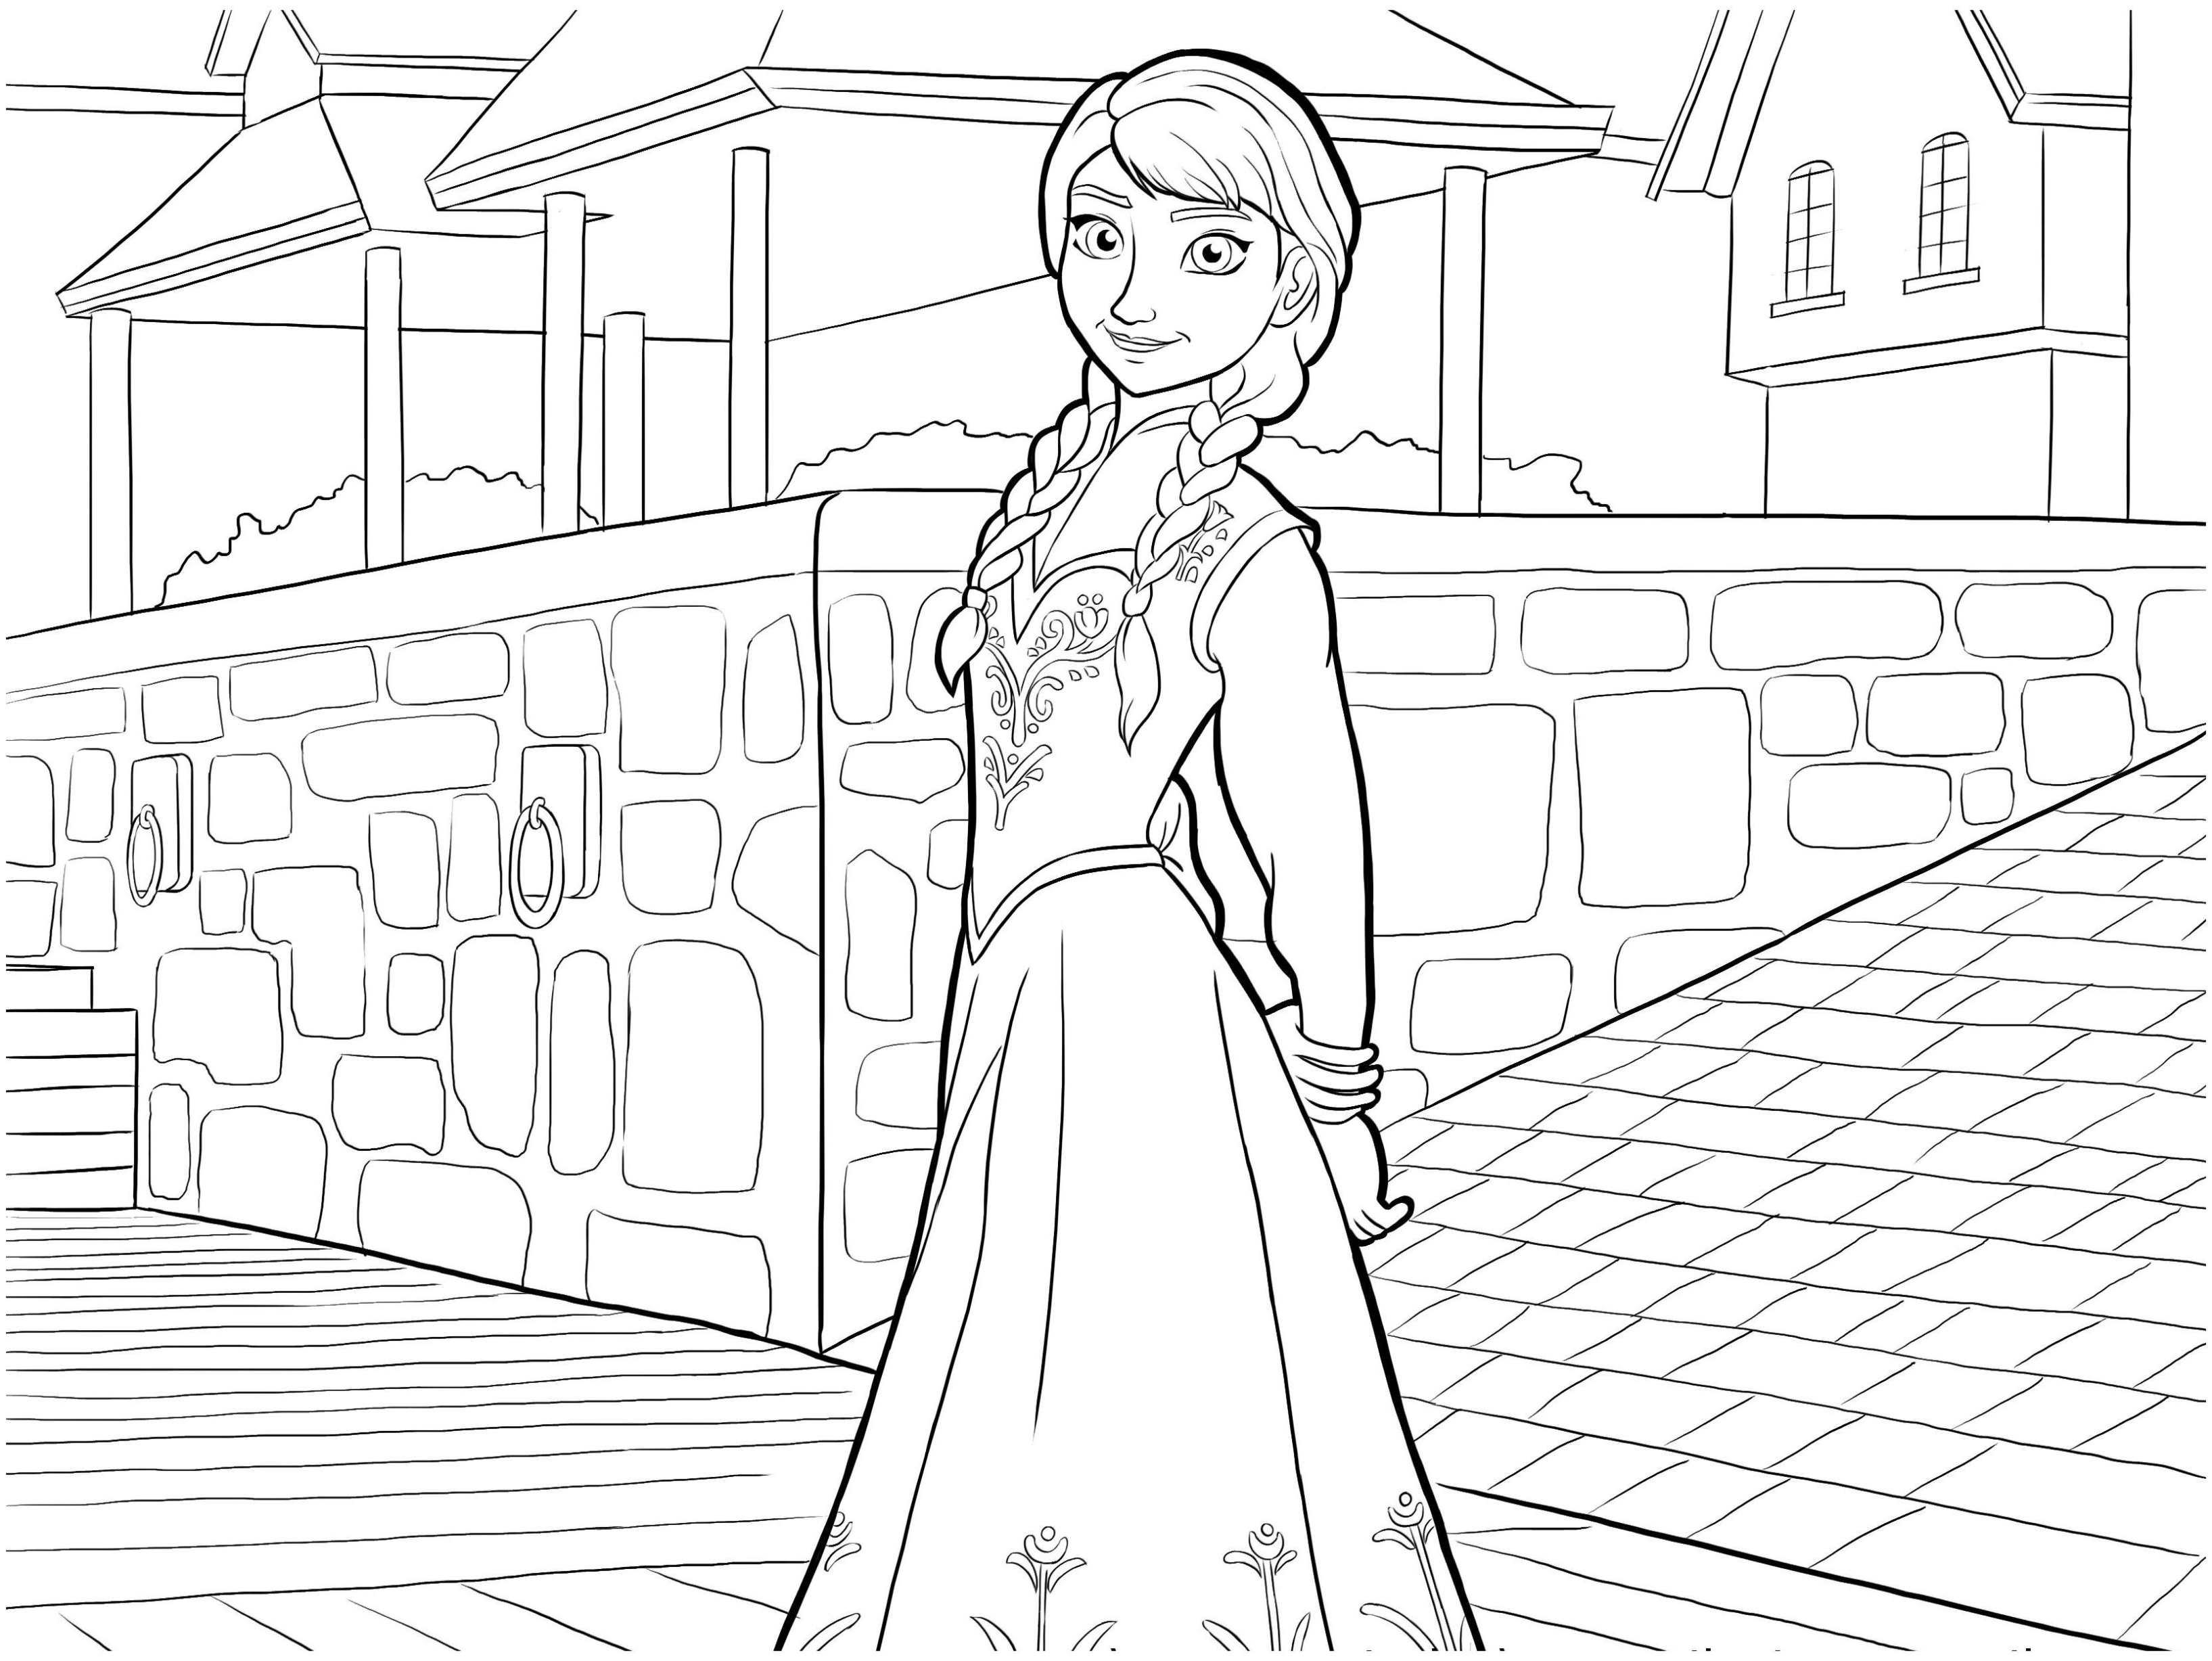 La reine des neiges anna coloriage la reine des neiges coloriages pour enfants page 2 - Coloriage princesse des neiges ...